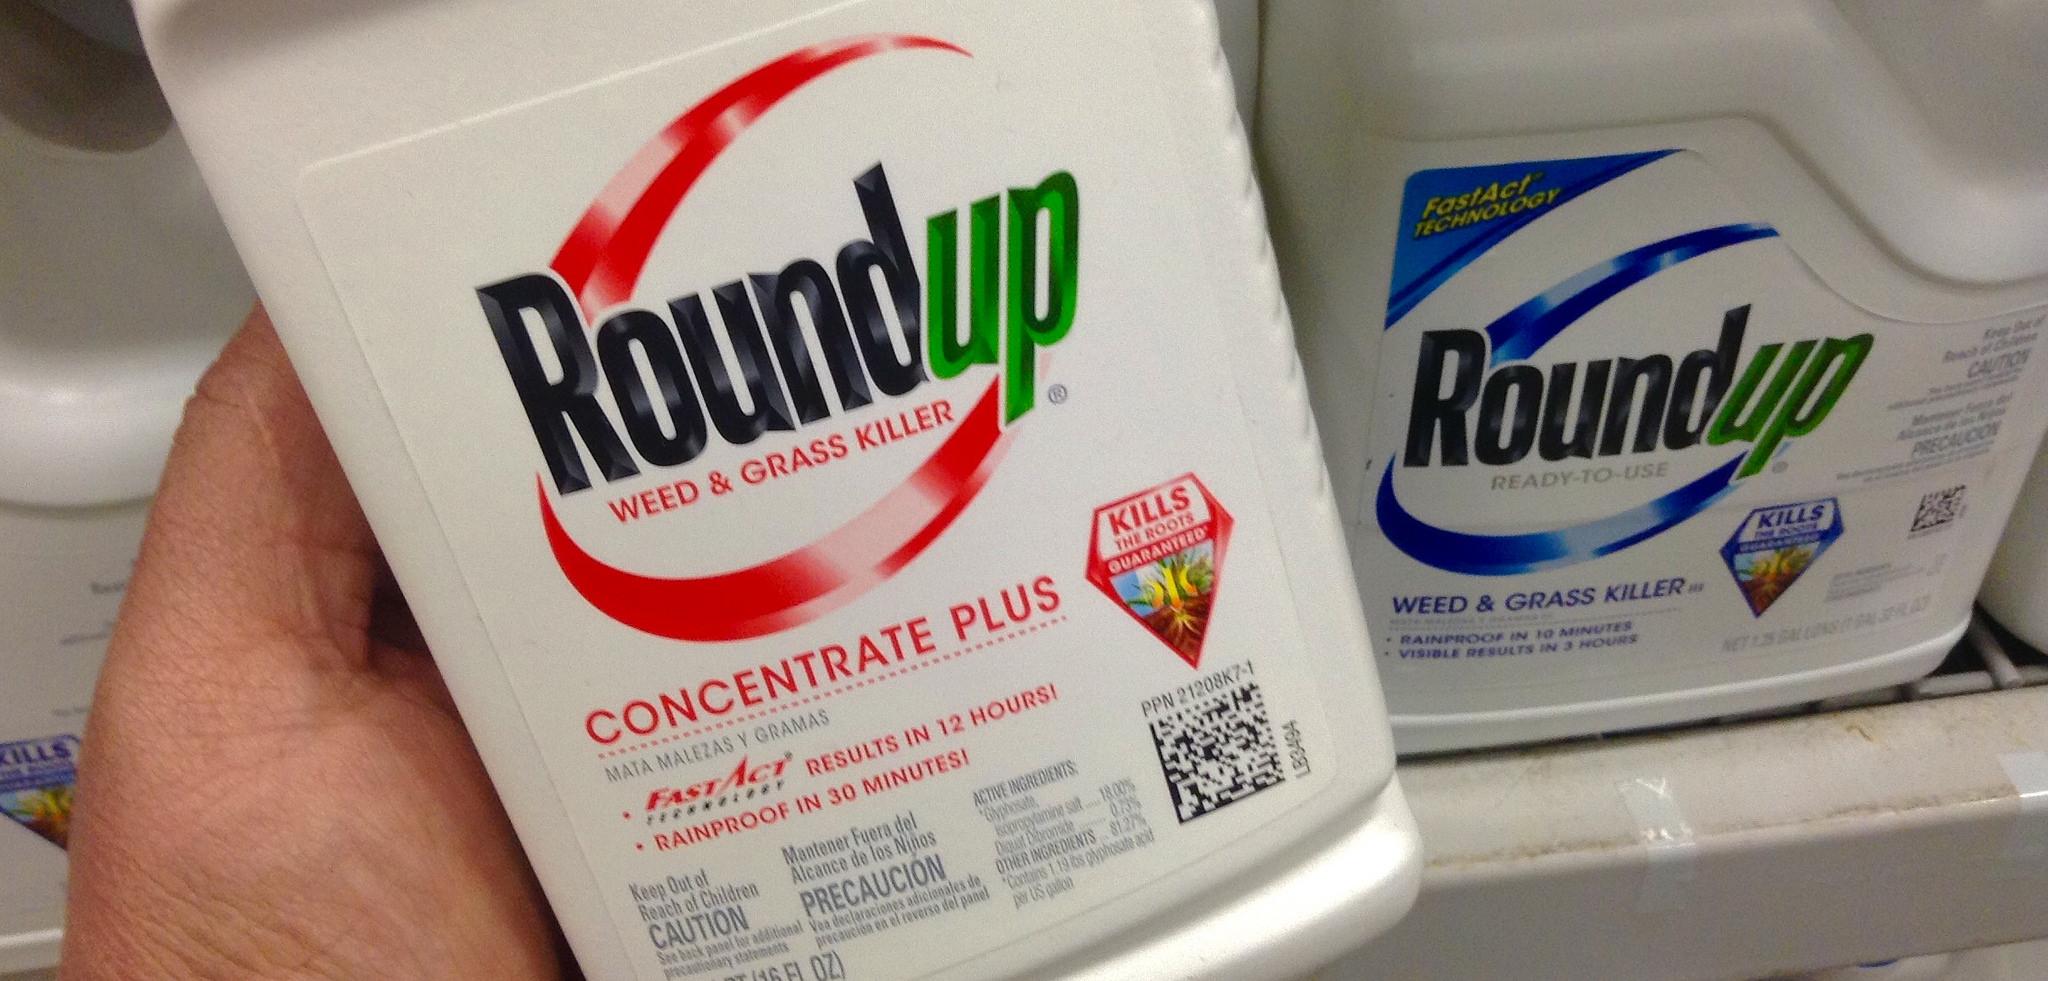 Roundup, herbicida hecho con glifosato, el producto estrella de Monsanto. Foto: Mike Mozart